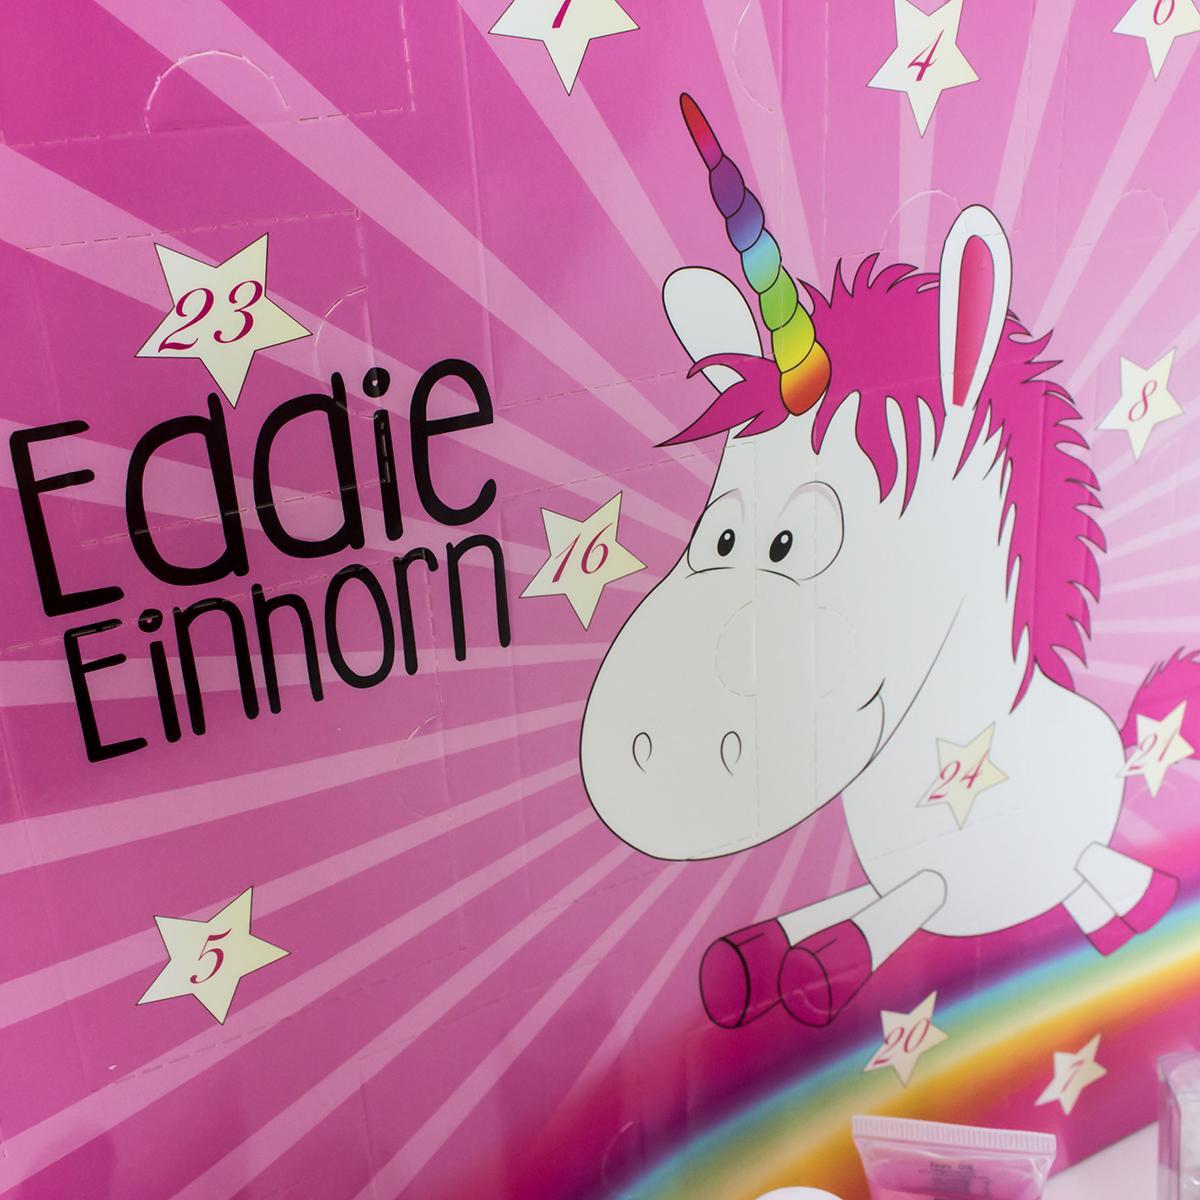 Accentra Adventskalender EDDIE EINHORN: Amazon.de: Beauty